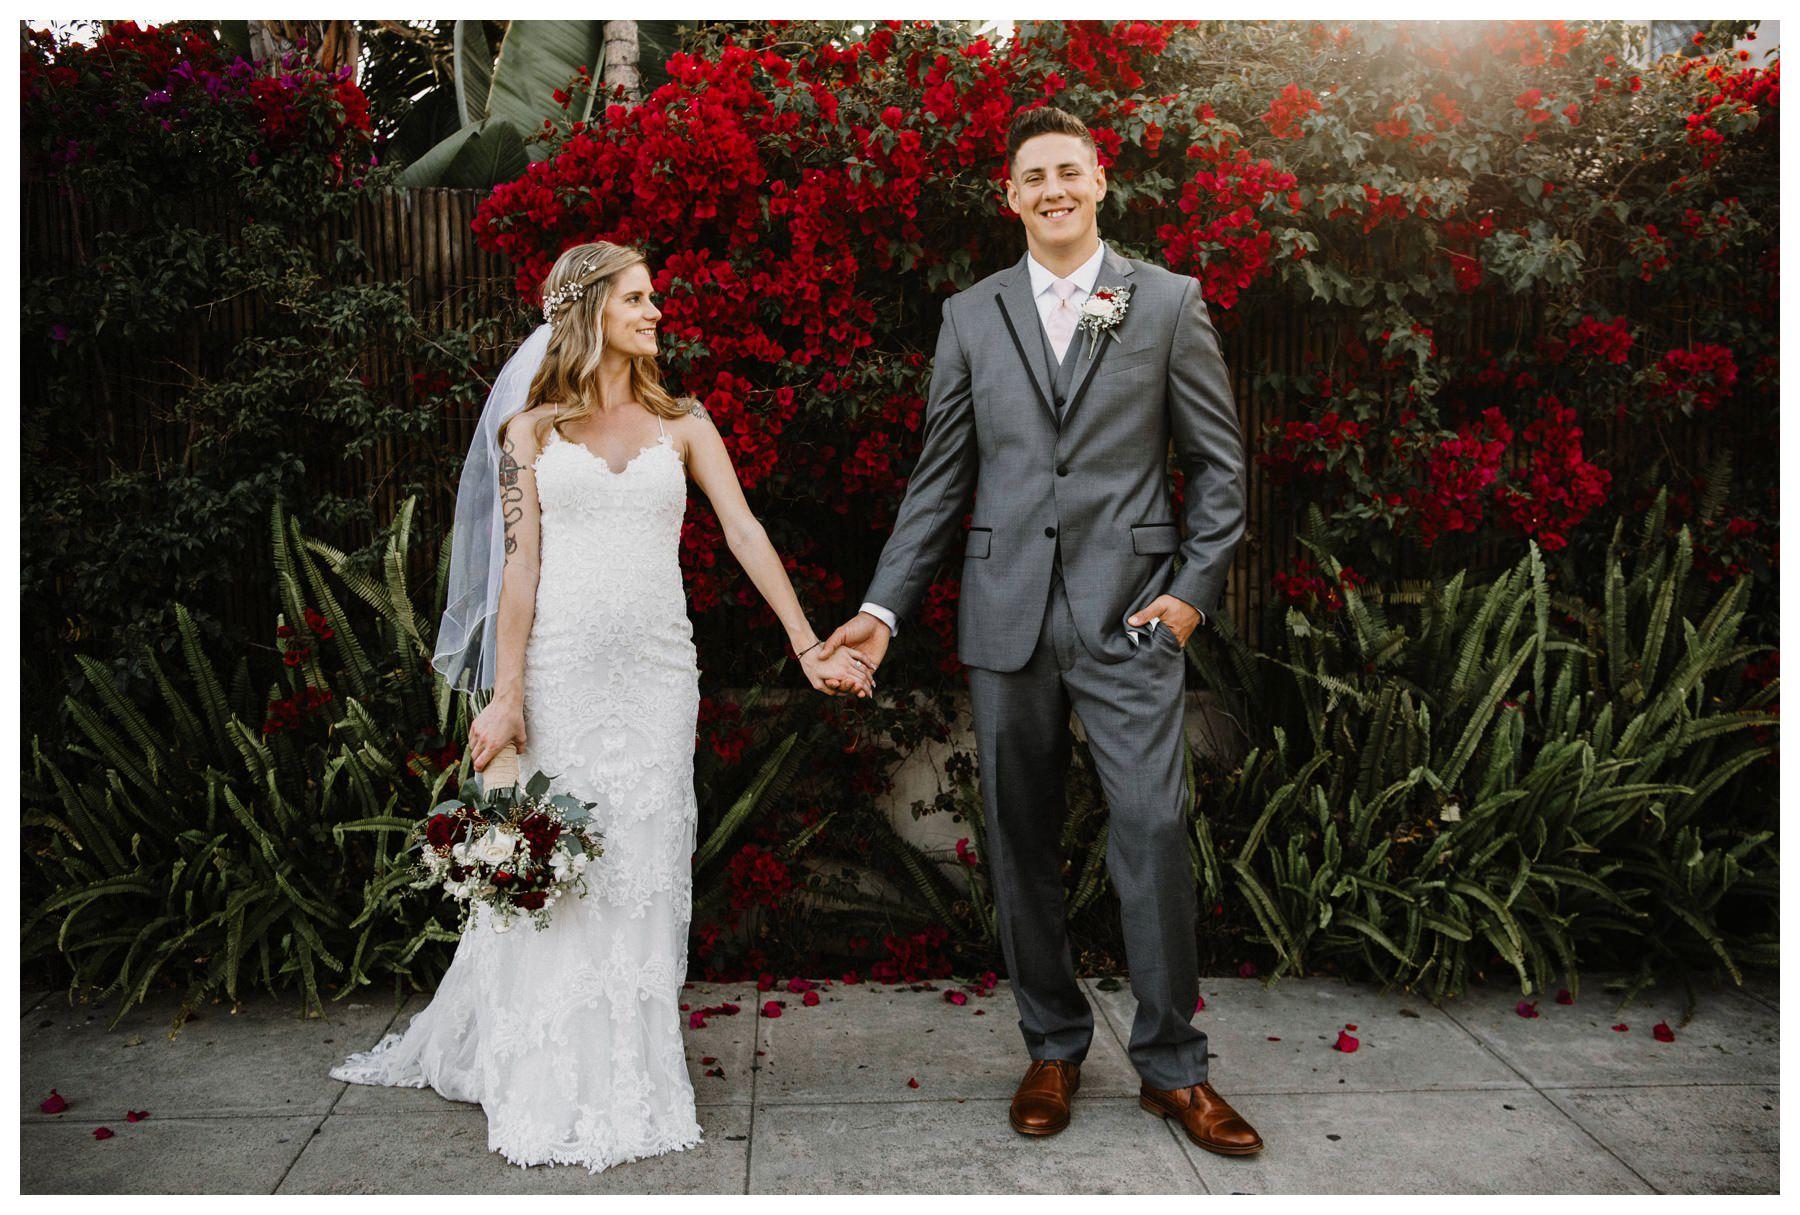 Coronado_Beach_Wedding_Singler_Photography_0036.jpg